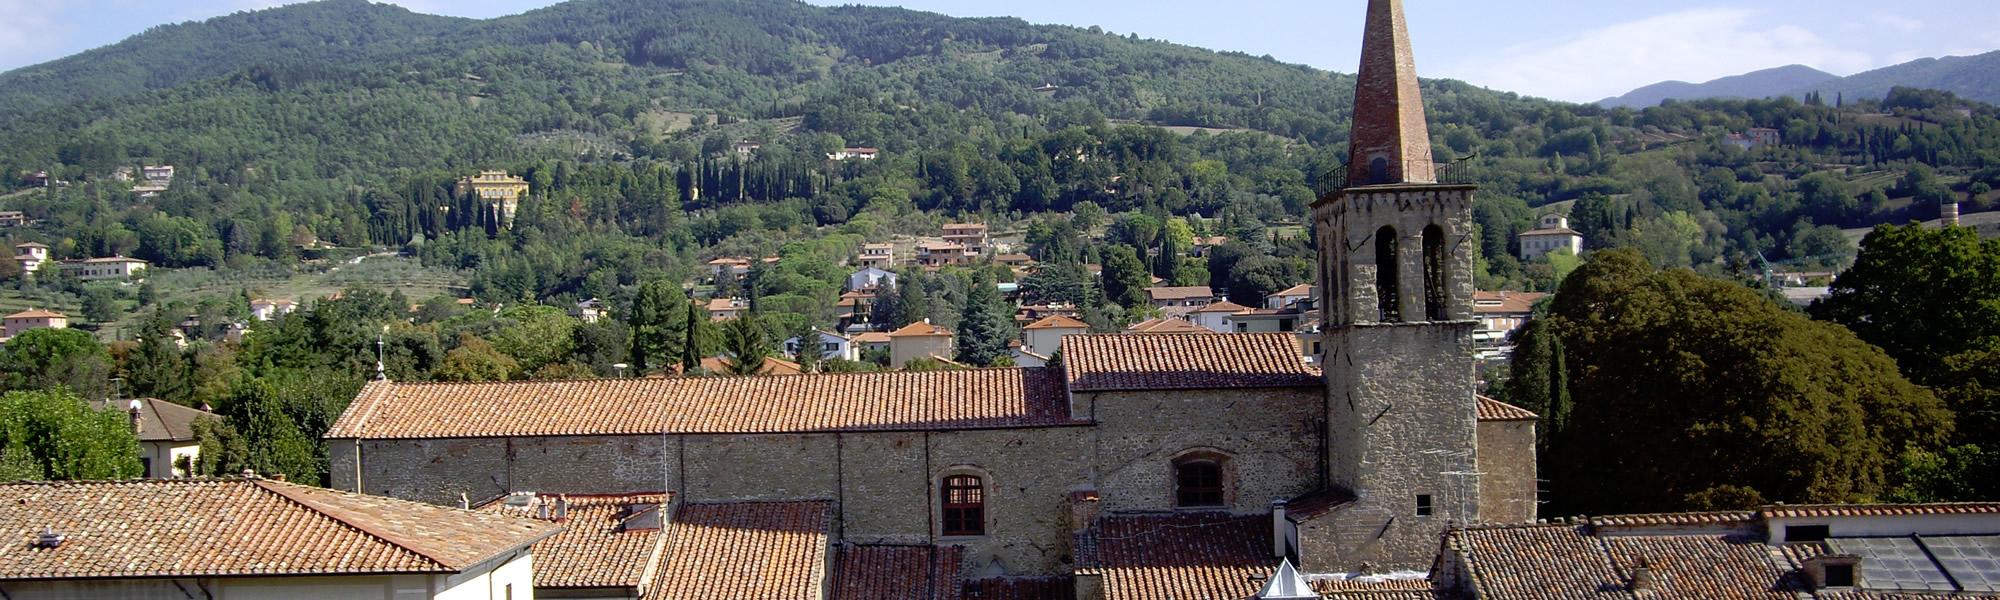 Sansepolcro in Toscana città natale di Piero della Francesca e sede dei Balestrieri